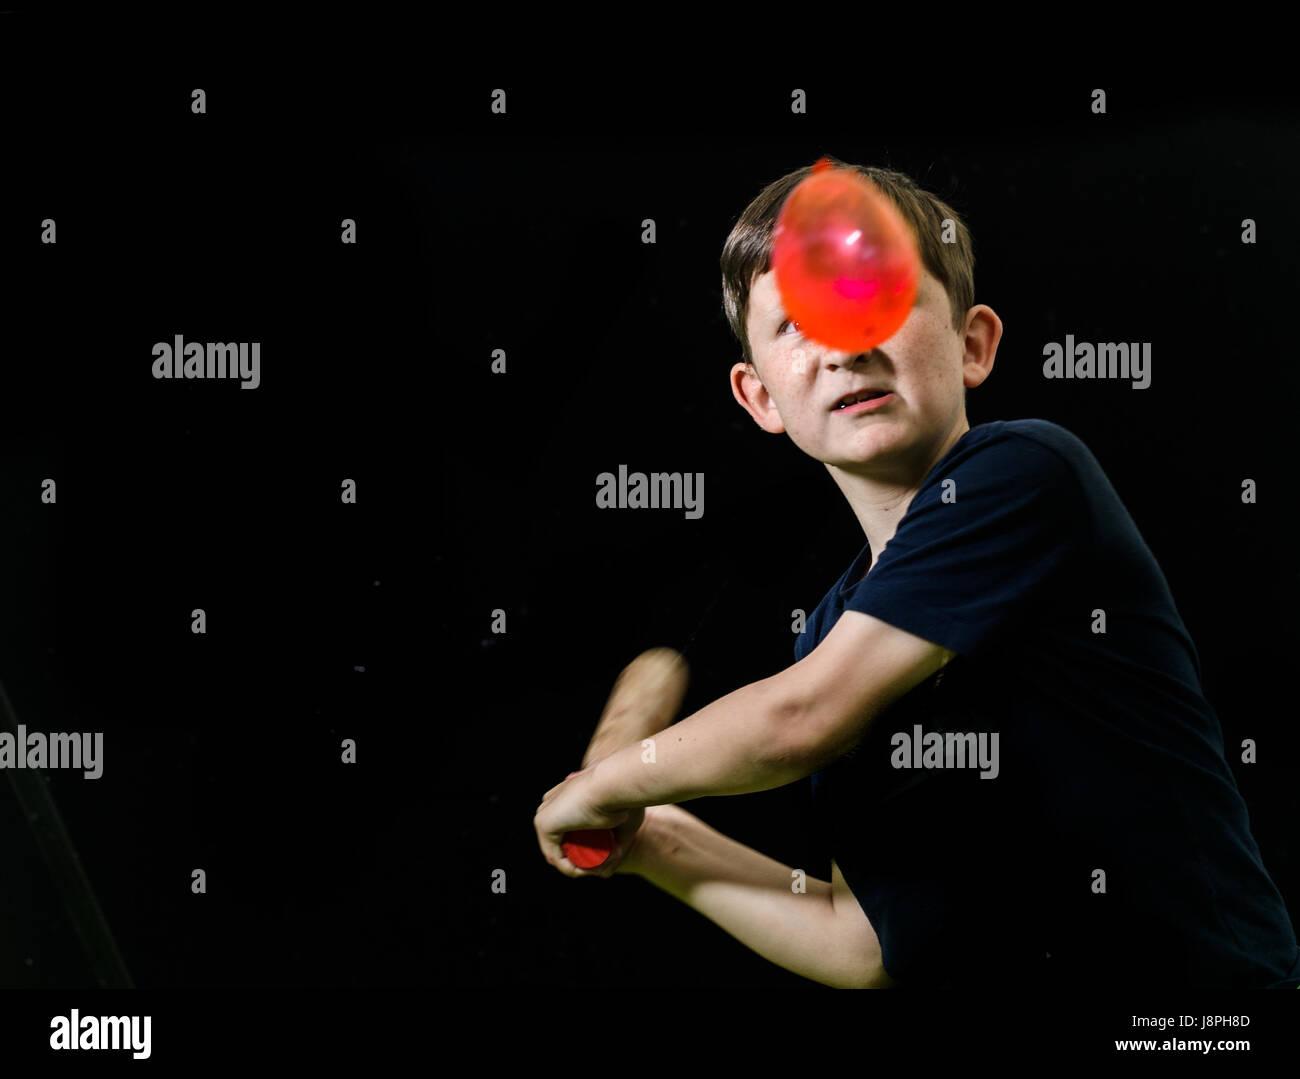 Junge, mit einem Blick der Entschlossenheit und Konzentration auf seinem Gesicht, zielt mit seinem Schläger Stockbild